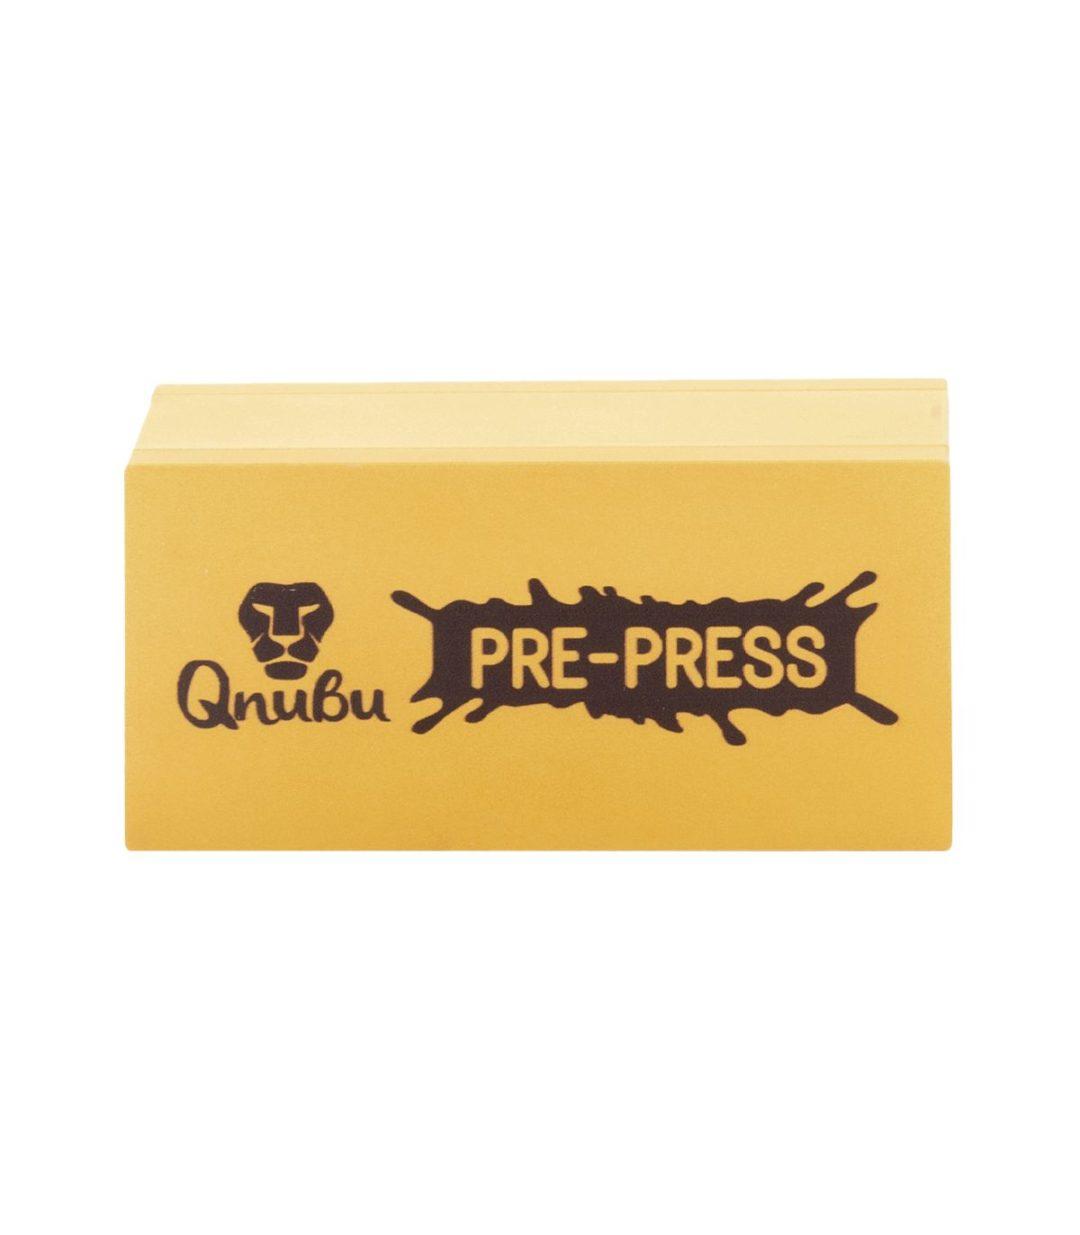 pre prensa qnubu 5x10cm